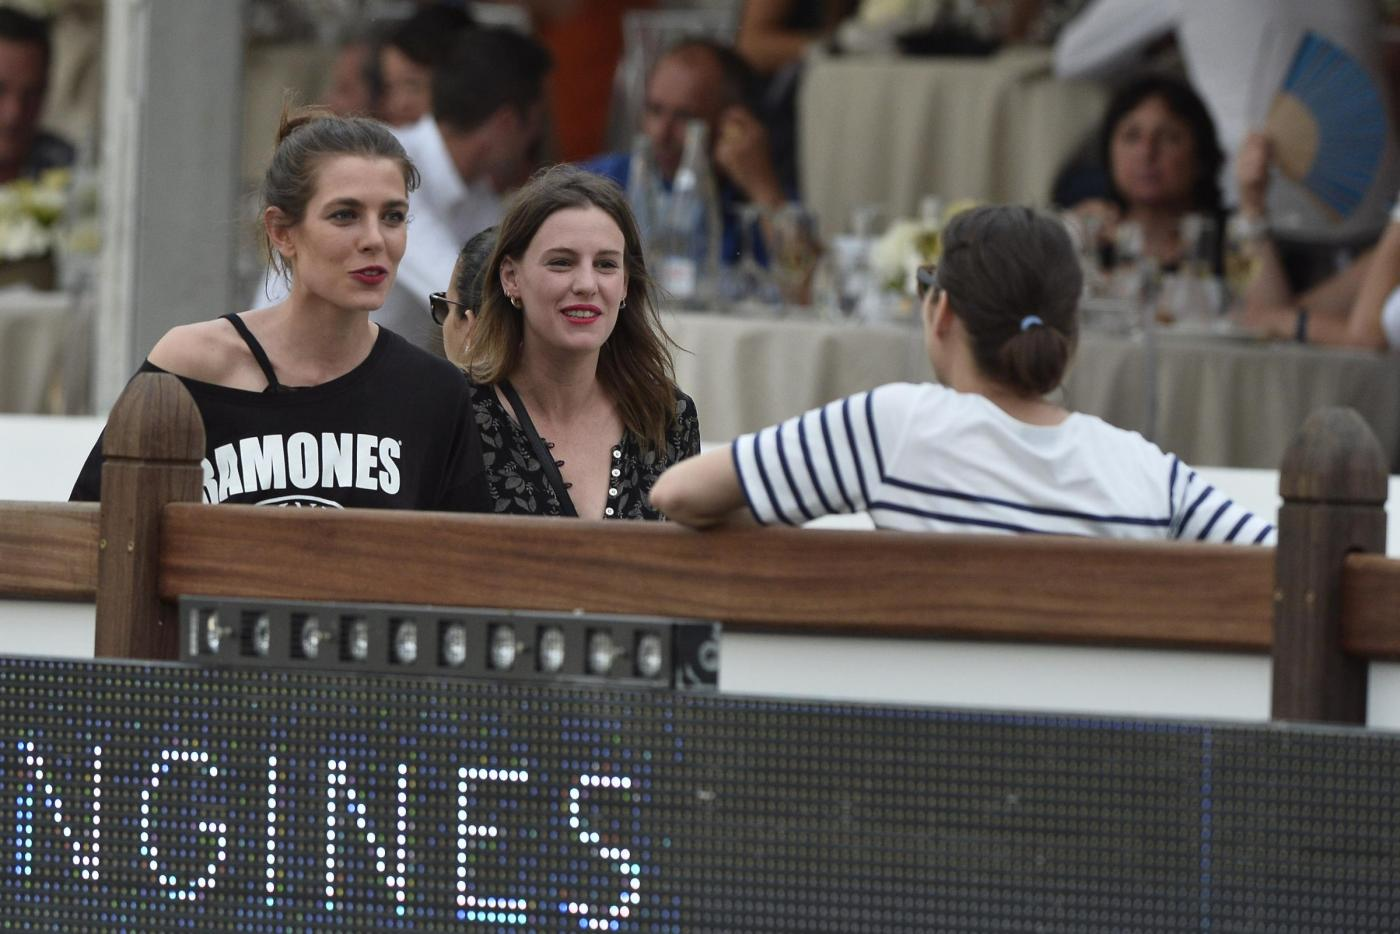 Charlotte Casiraghi versione rocker: indossa maglia dei Ramones a Parigi FOTO 11